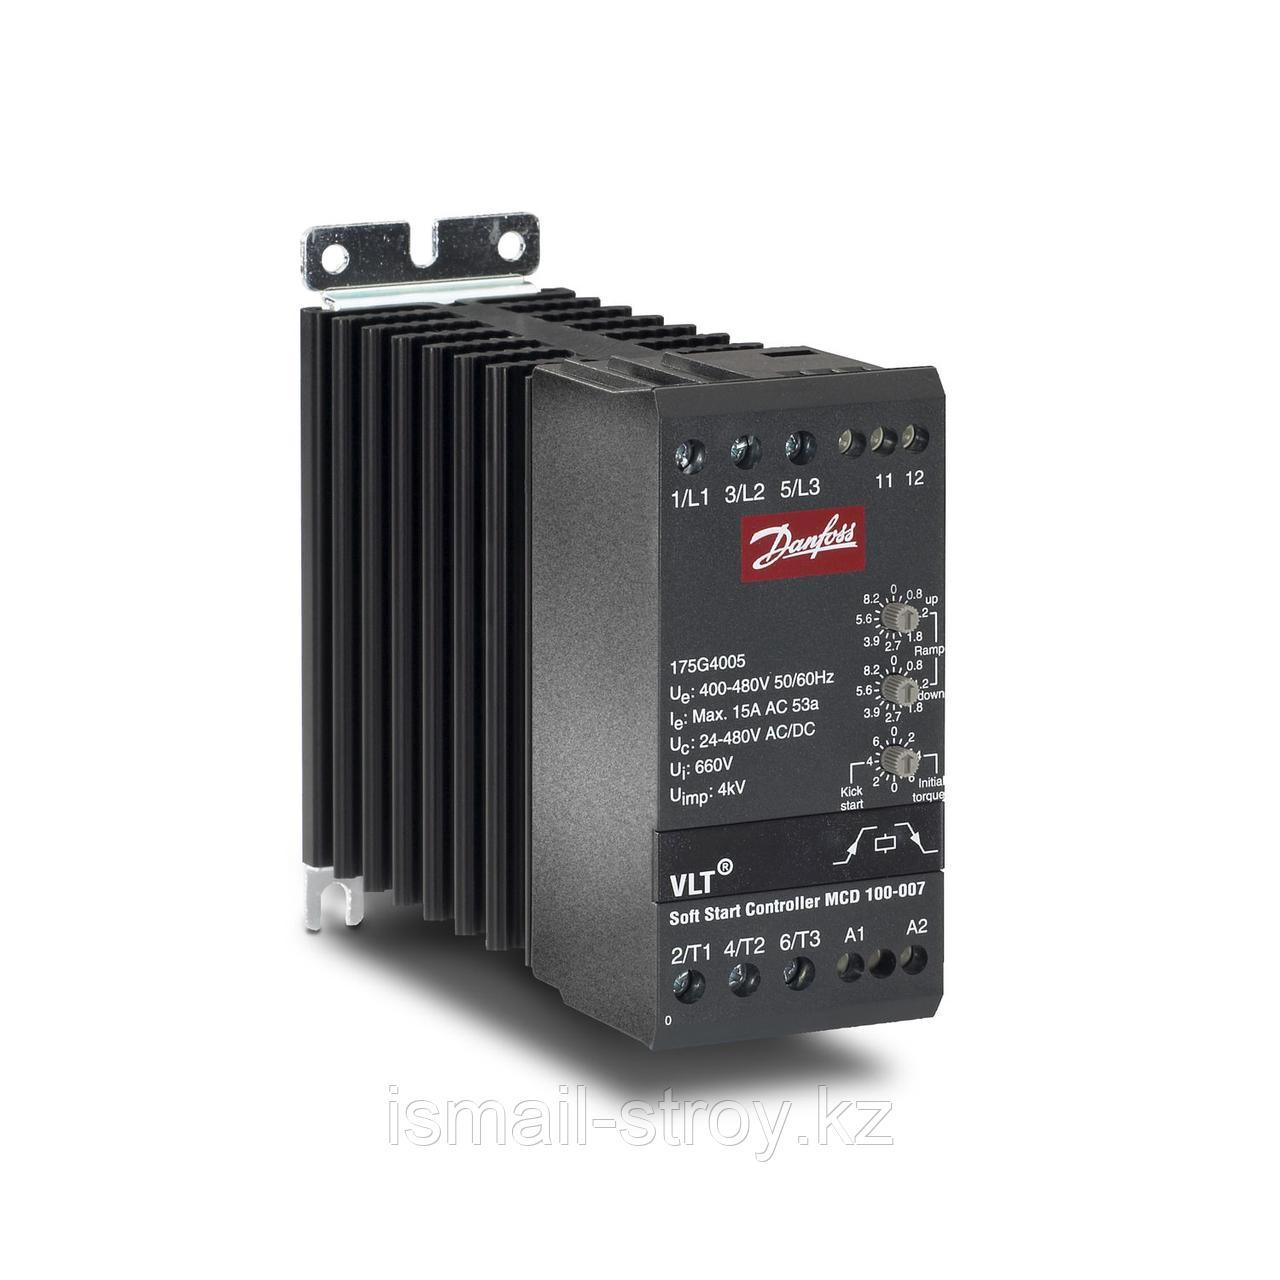 Устройство плавного пуска VLT MCD 100. 175G4001 кВт 1,5